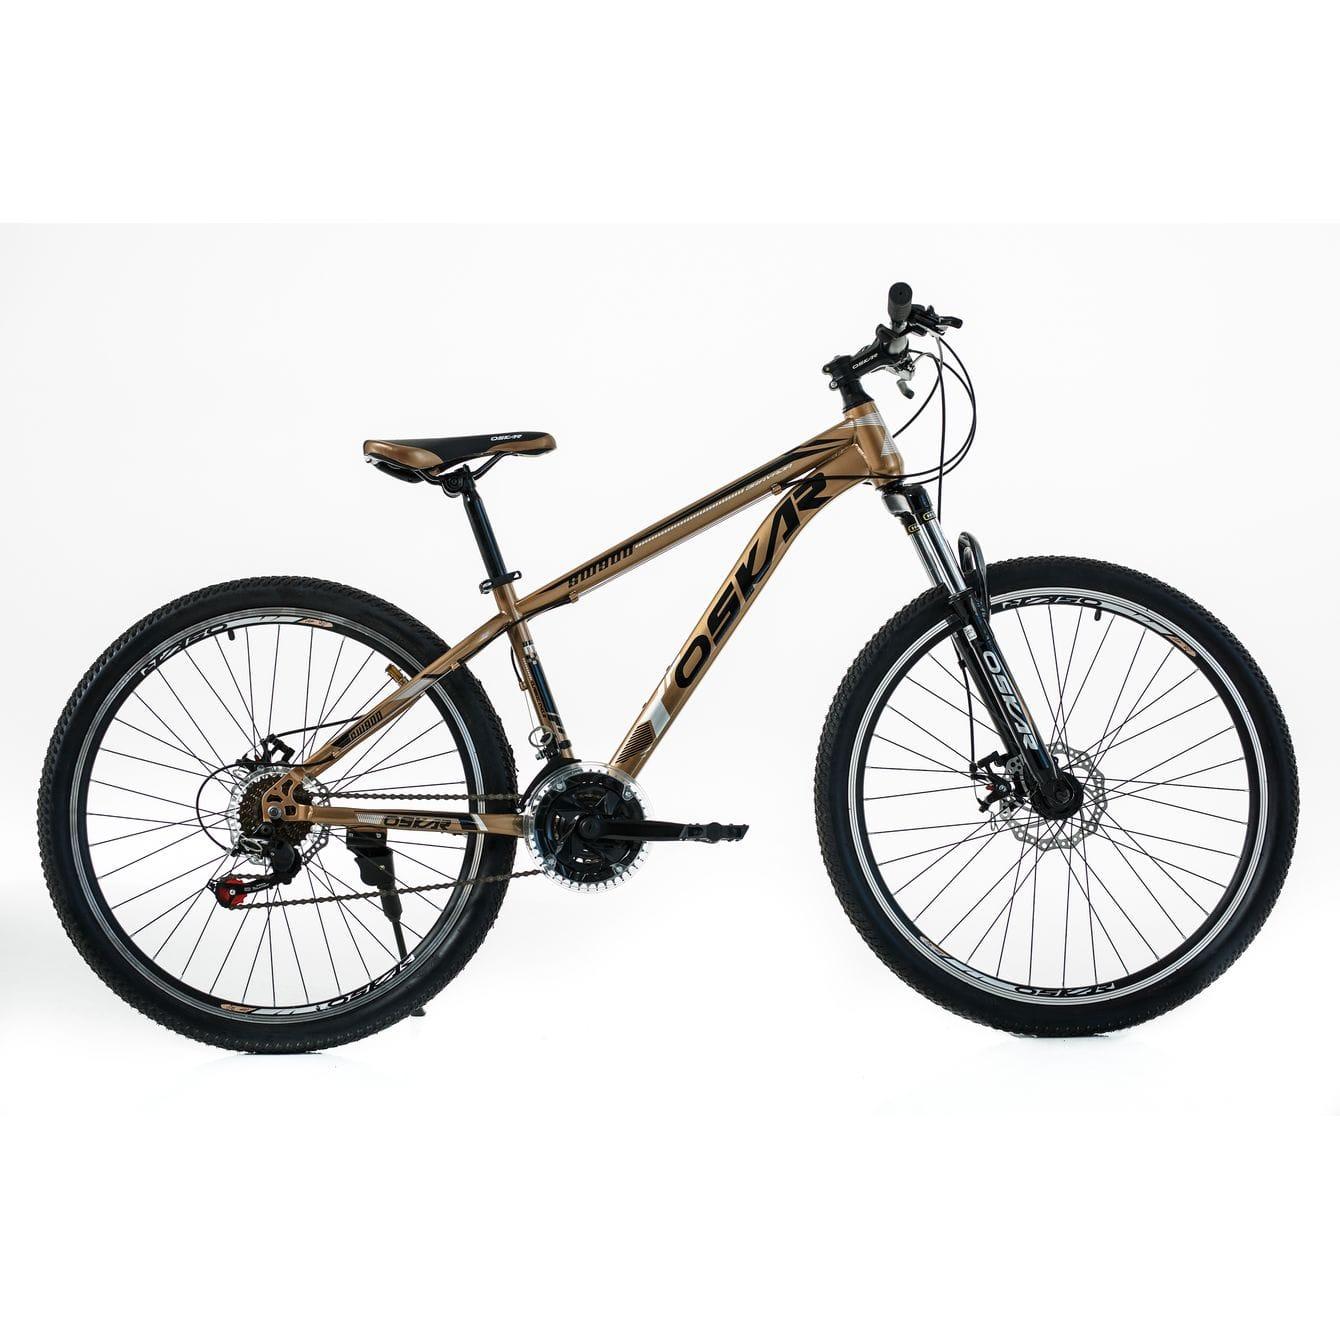 Фото Горный Велосипед Oskar 27,5″Zigma ST+ST